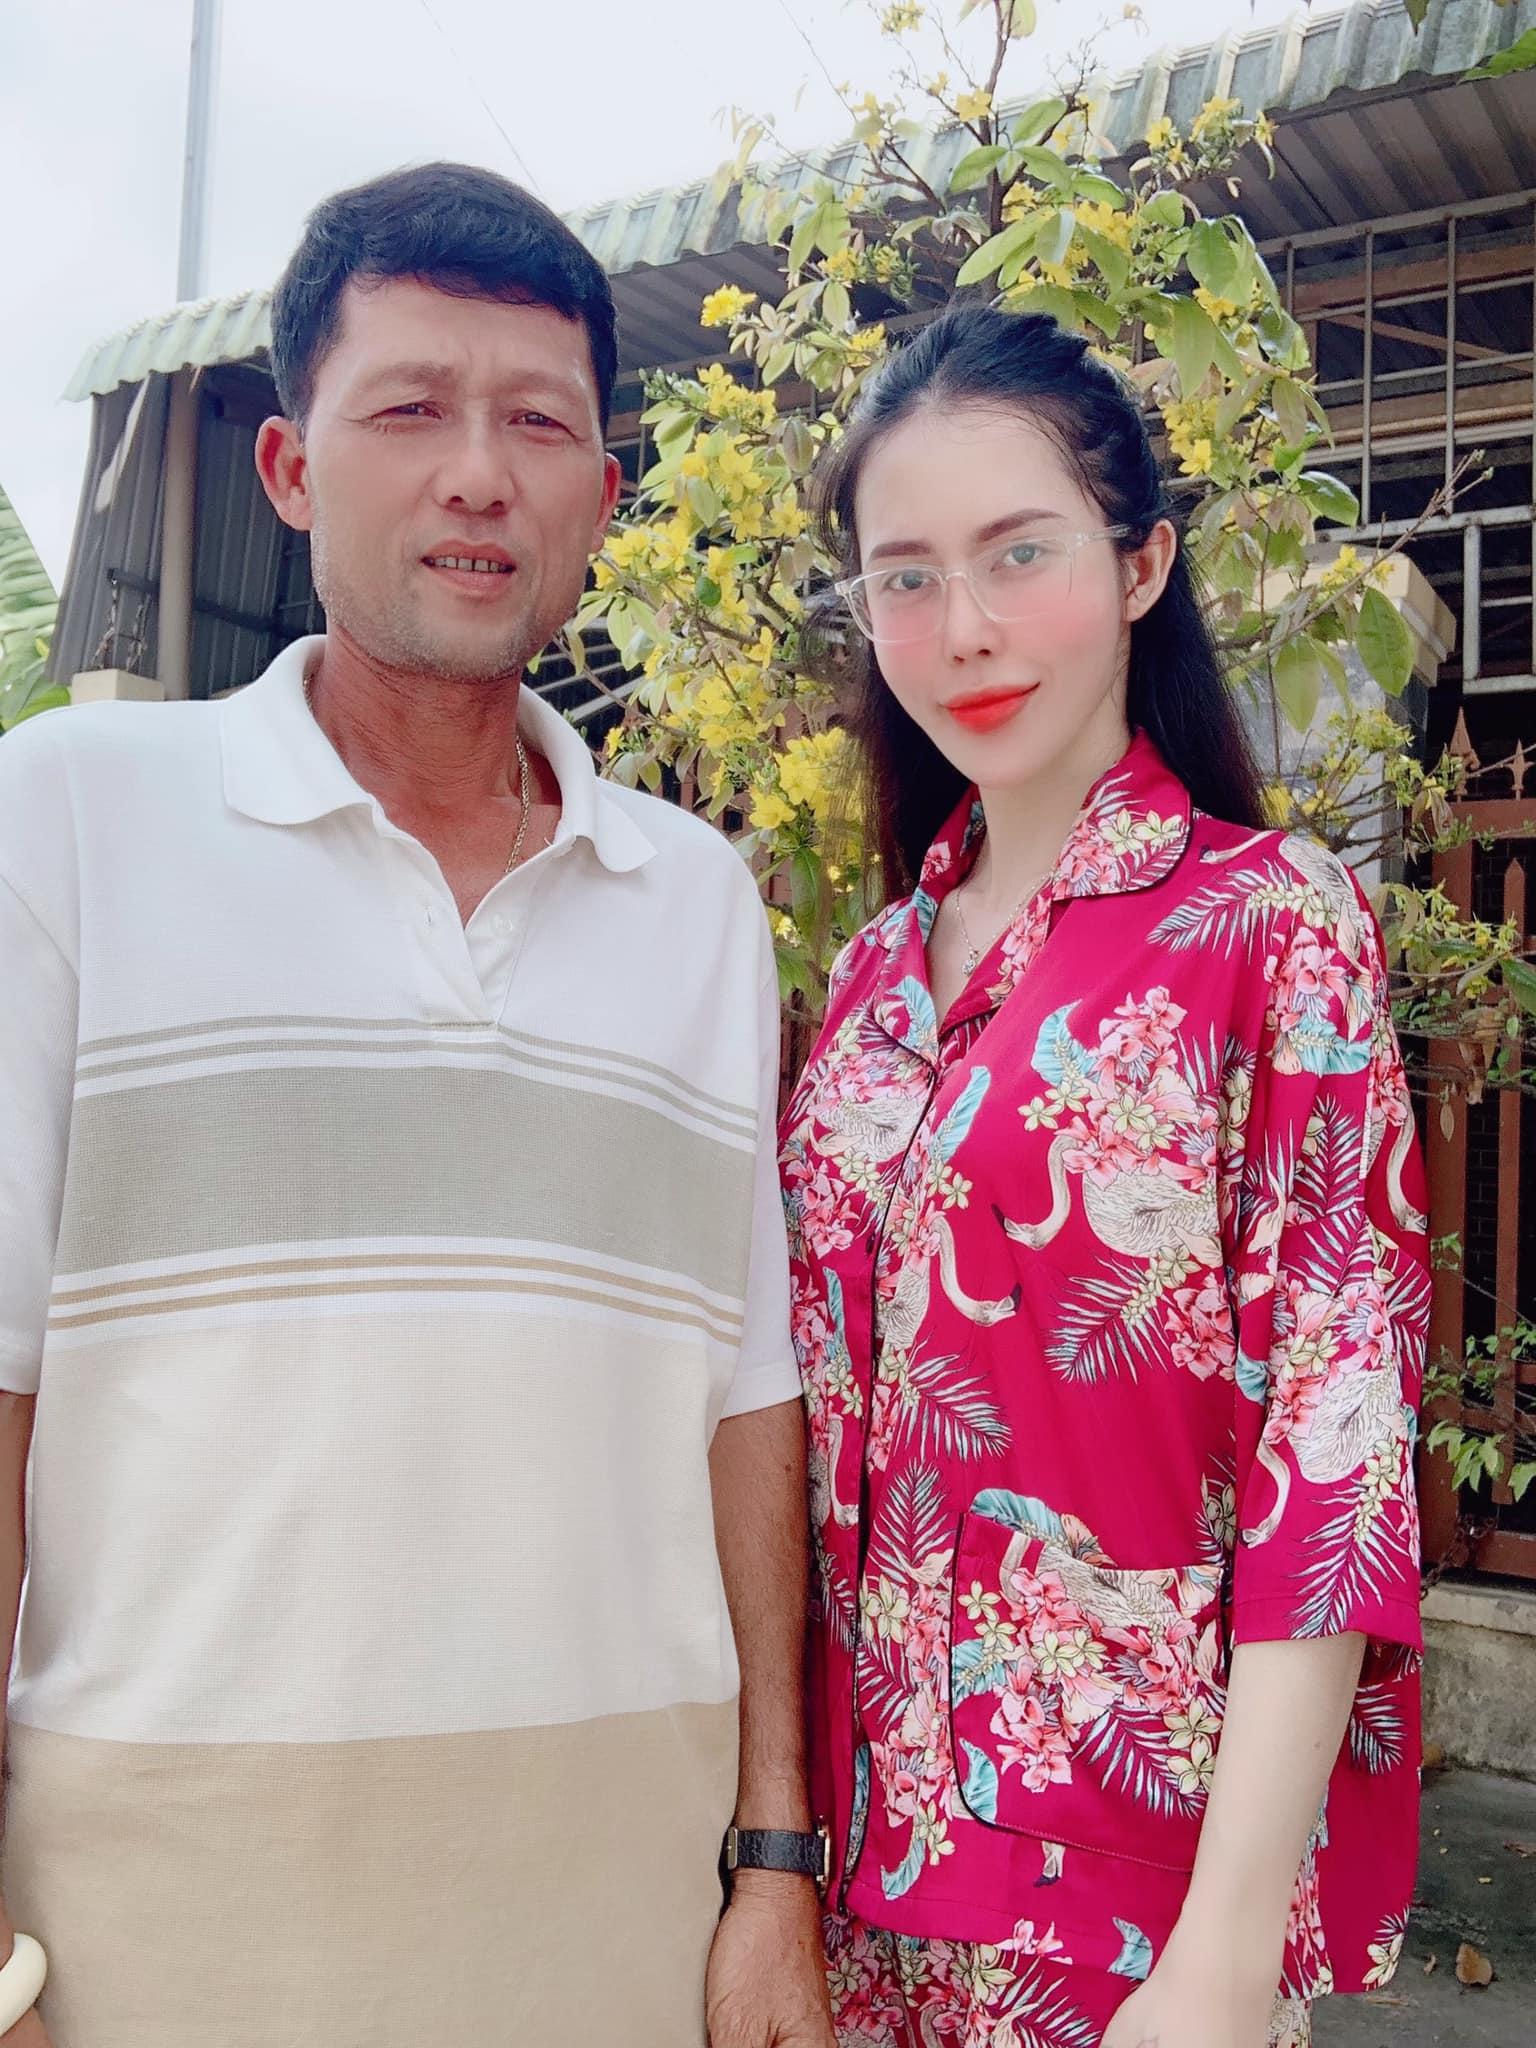 Chàng trai Cần Thơ kể chuyện uống thuốc tránh thai để thay đổi hormone nữ, chi 200 triệu sang Thái phẫu thuật và cuộc lột xác bất ngờ - Ảnh 4.